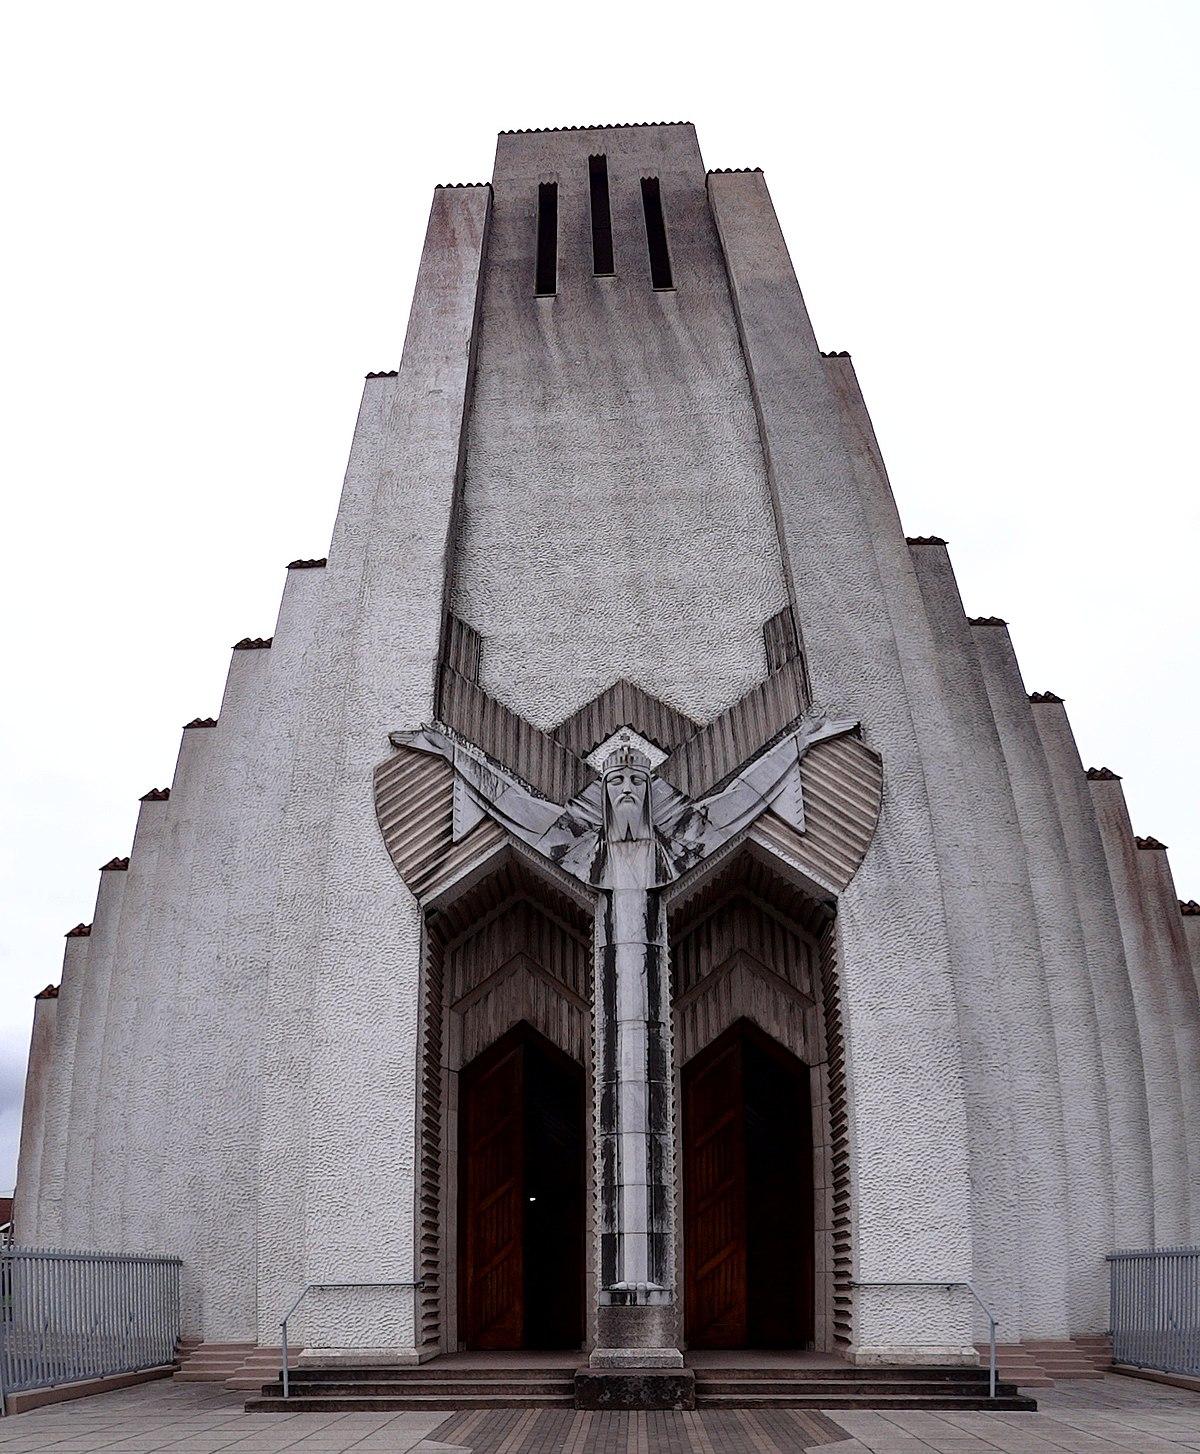 Messageofthecrosschurch Org: Turners Cross, Cork